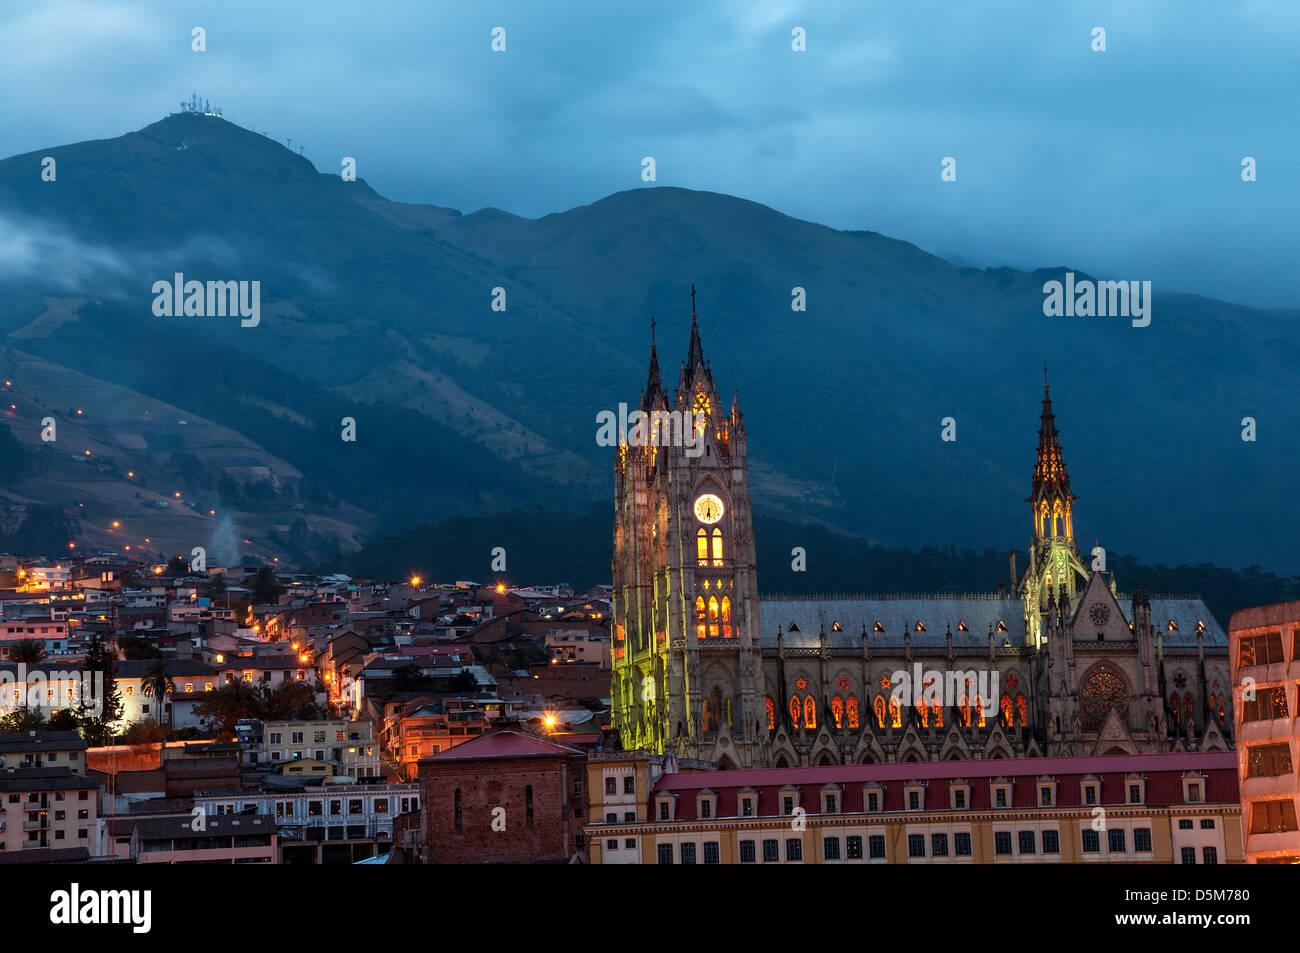 Tempo di notte vista della basilica e la città vecchia di Quito, Ecuador Immagini Stock